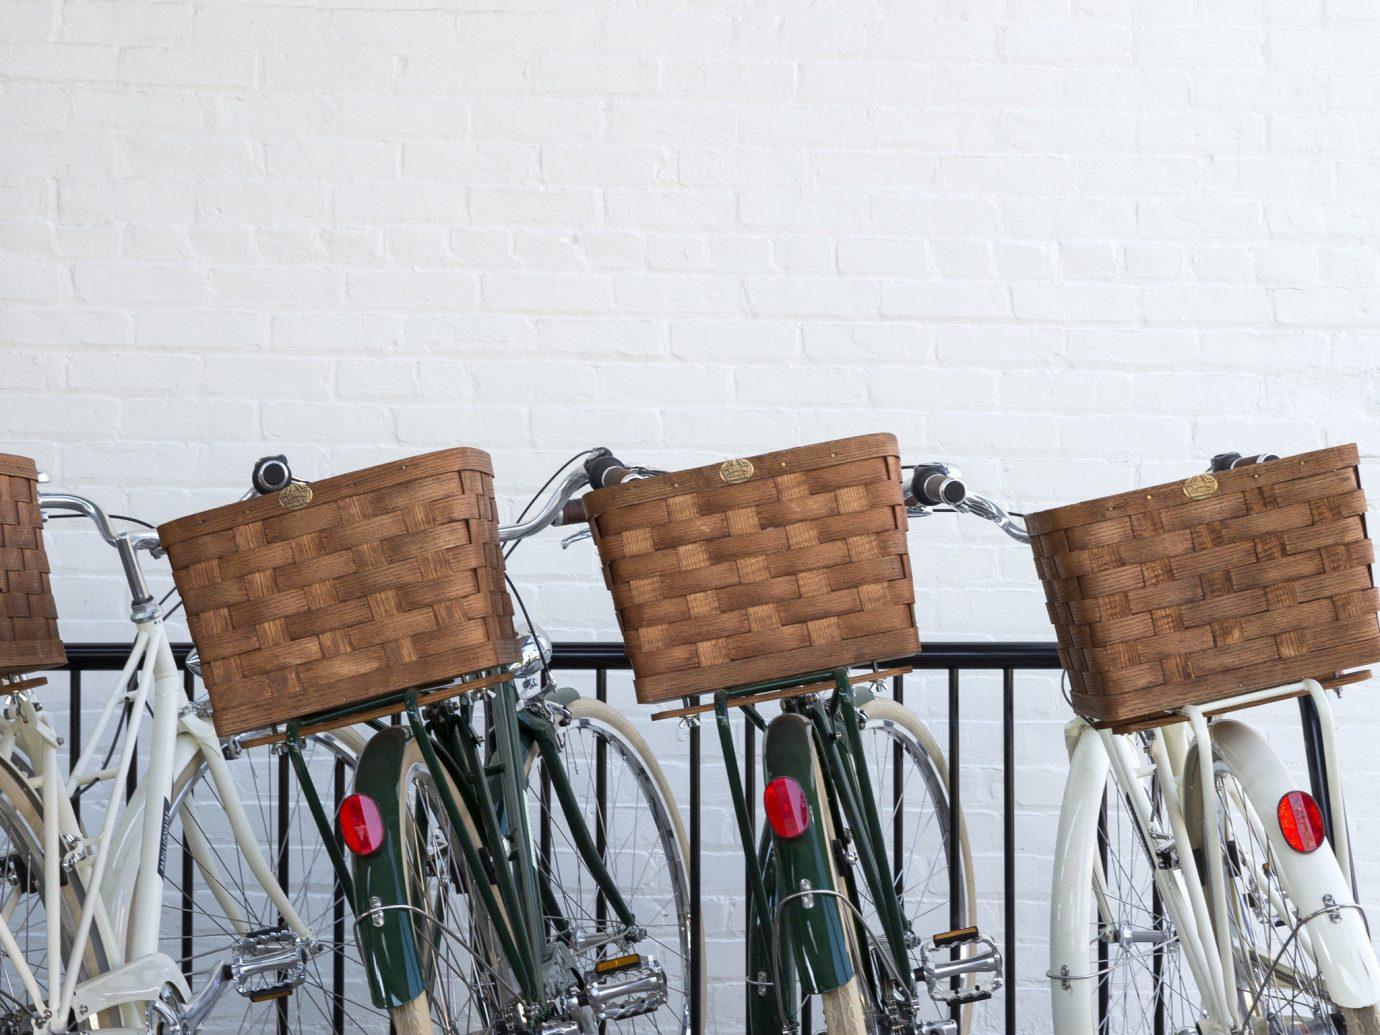 Girls Getaways Trip Ideas Weekend Getaways bicycle vehicle product wheel cart wood sports equipment rack stone